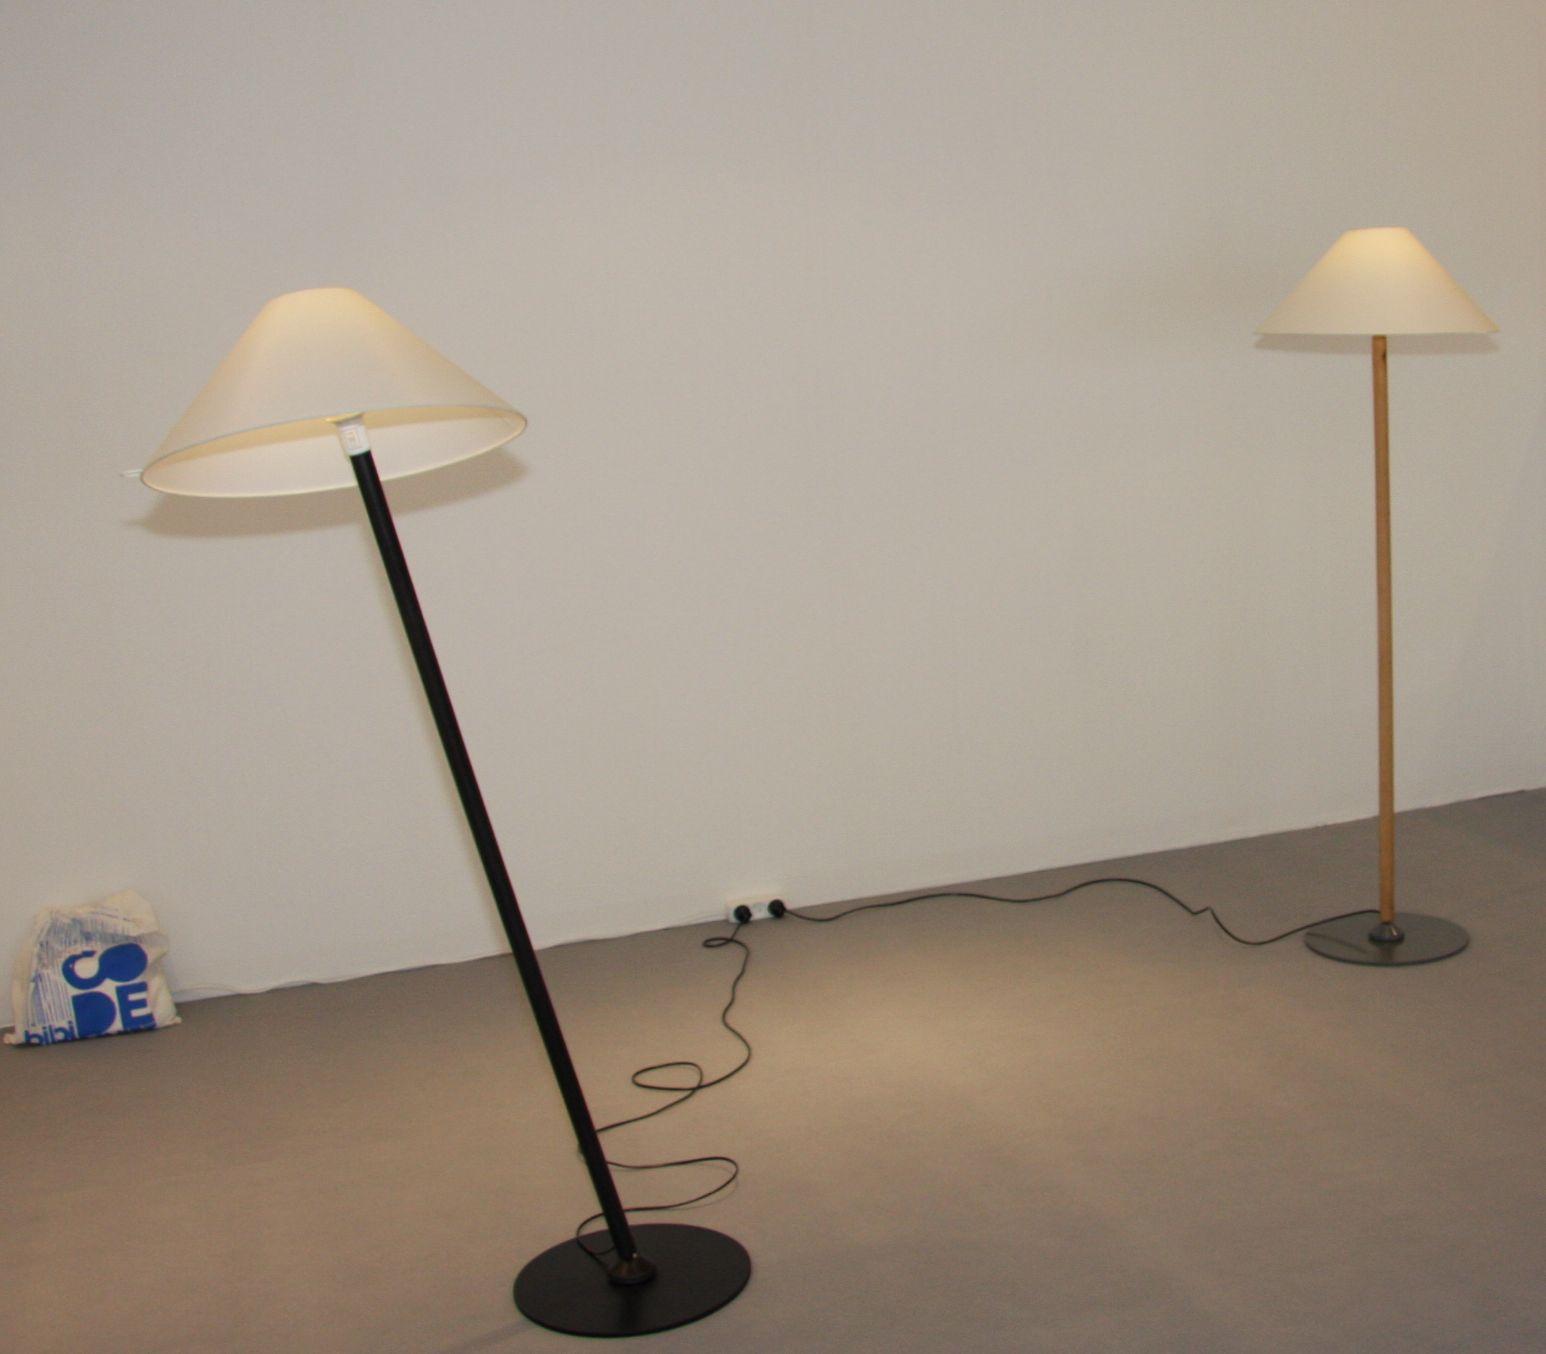 Standing Task Light von Erik Wester: Ein schönes Beispiel für innovatives und praktisches Design